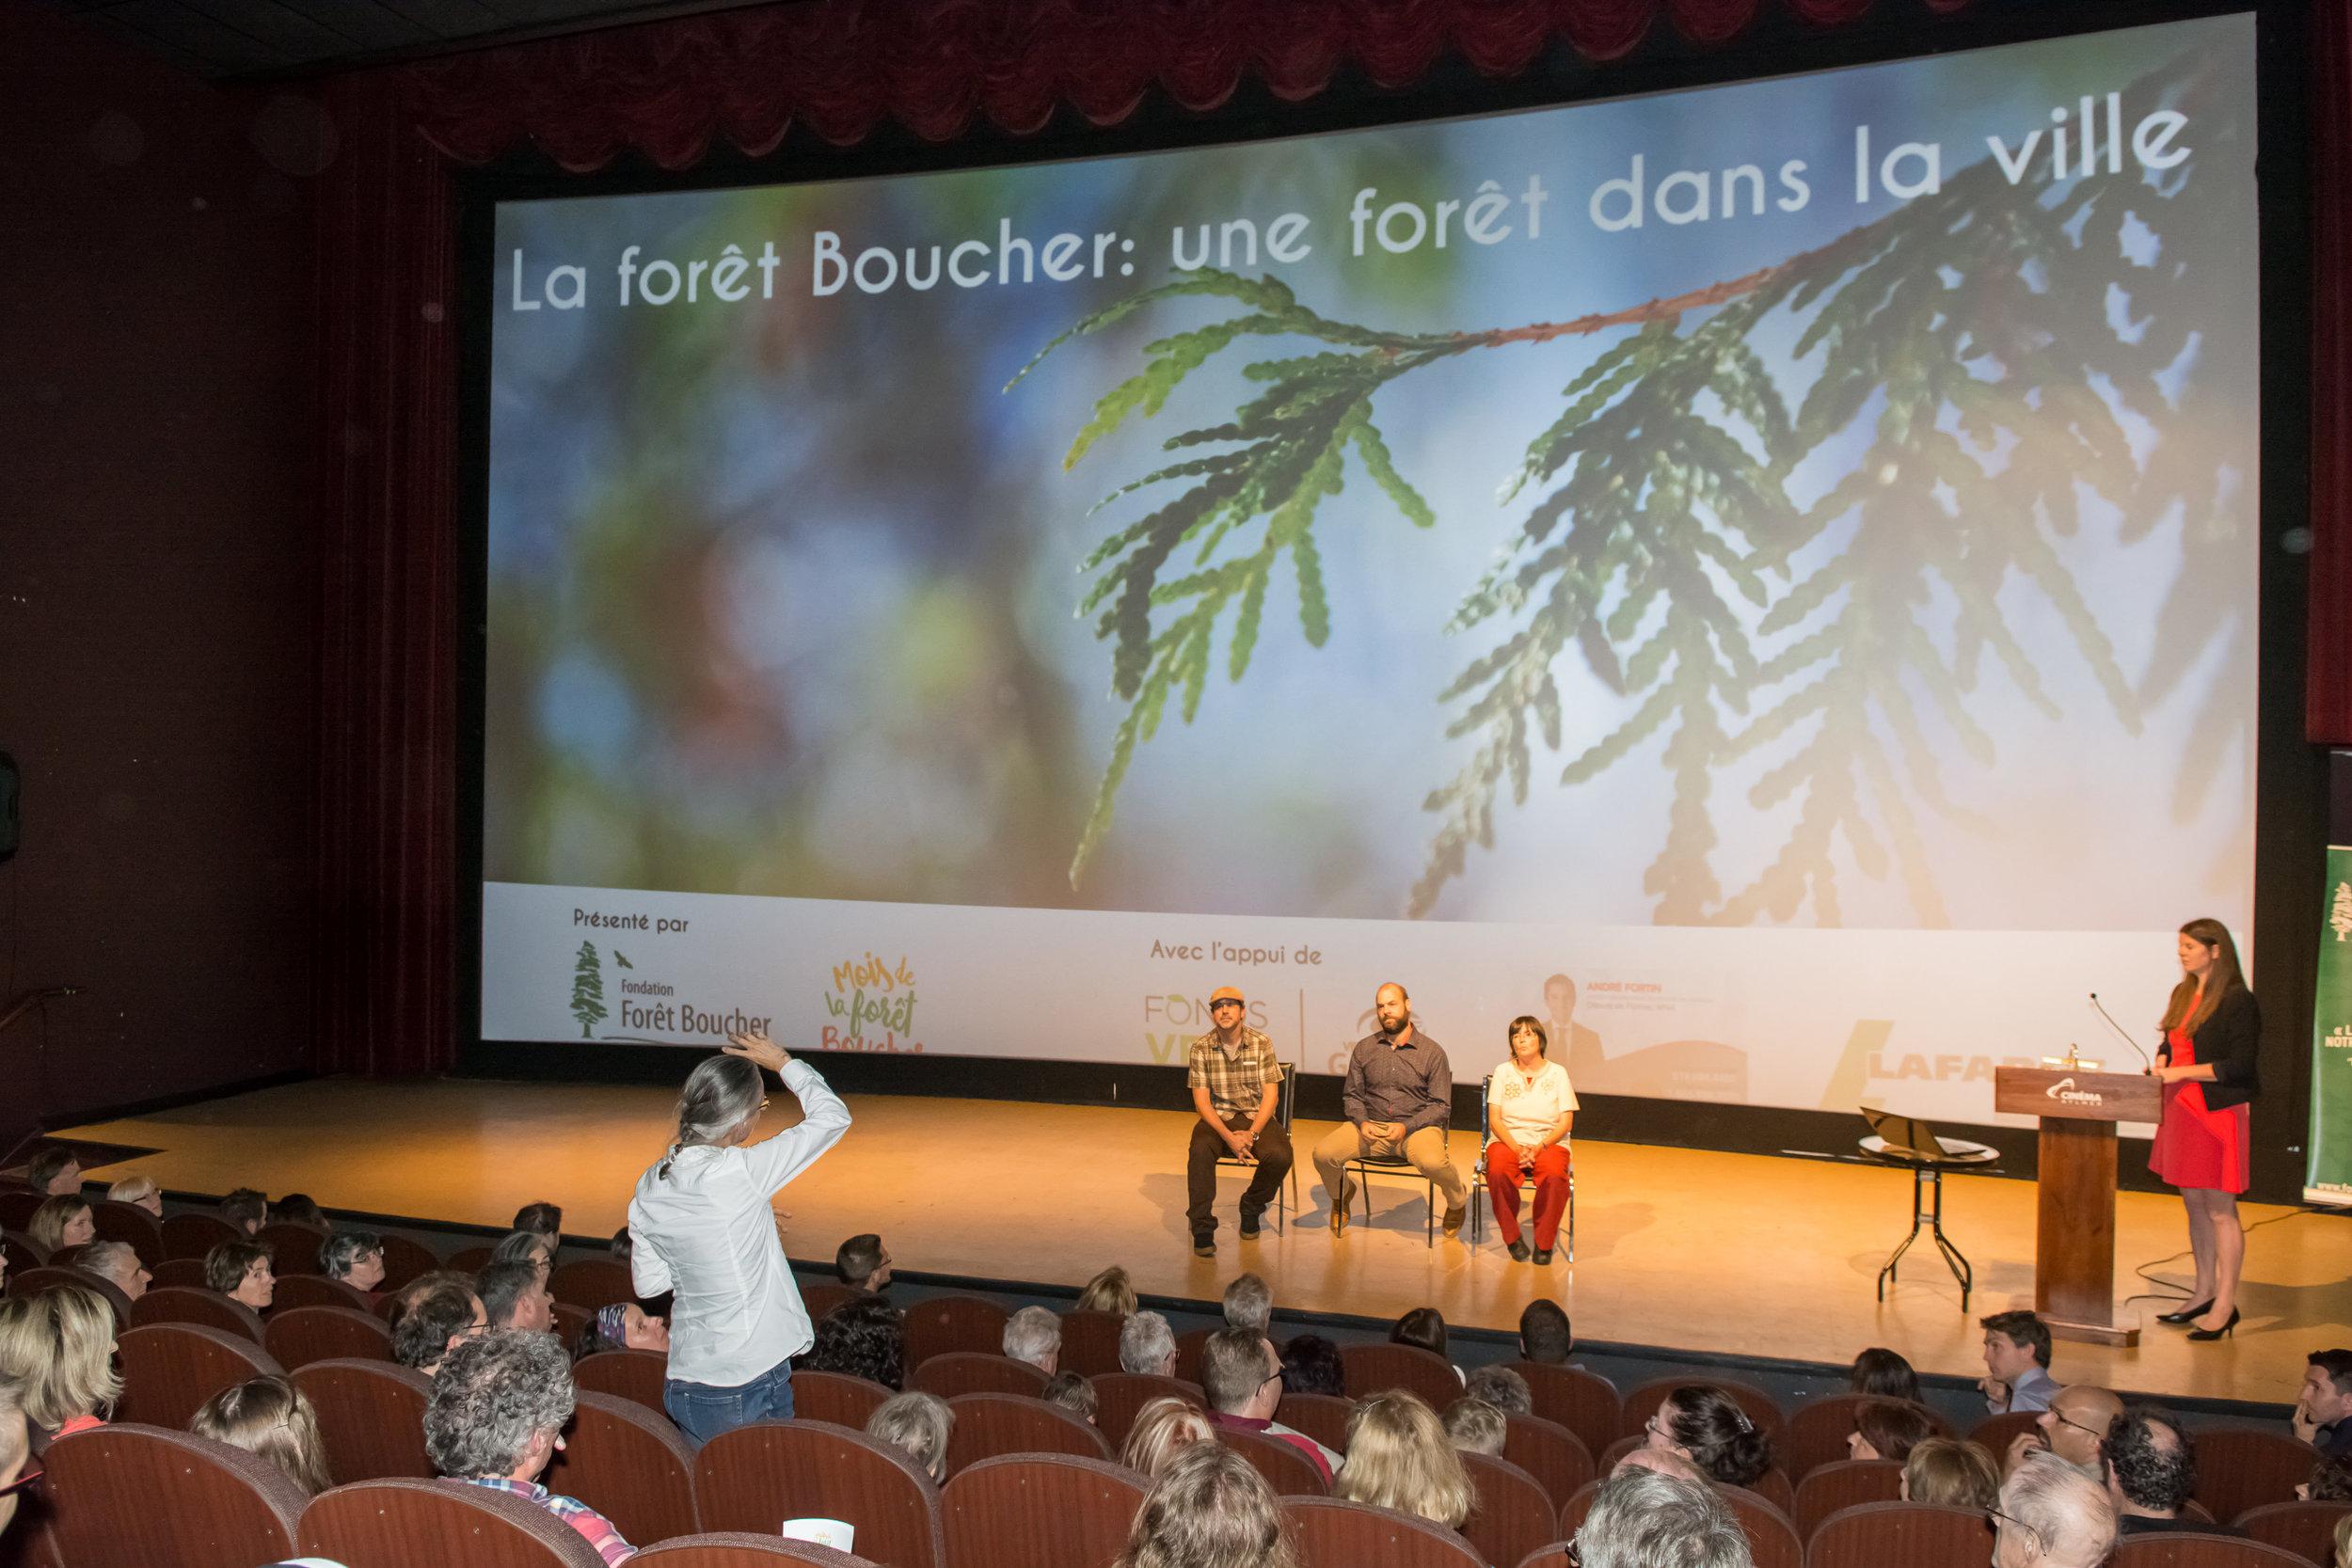 La forêt Boucher fait salle comble  Communiqué du 11-09-2017